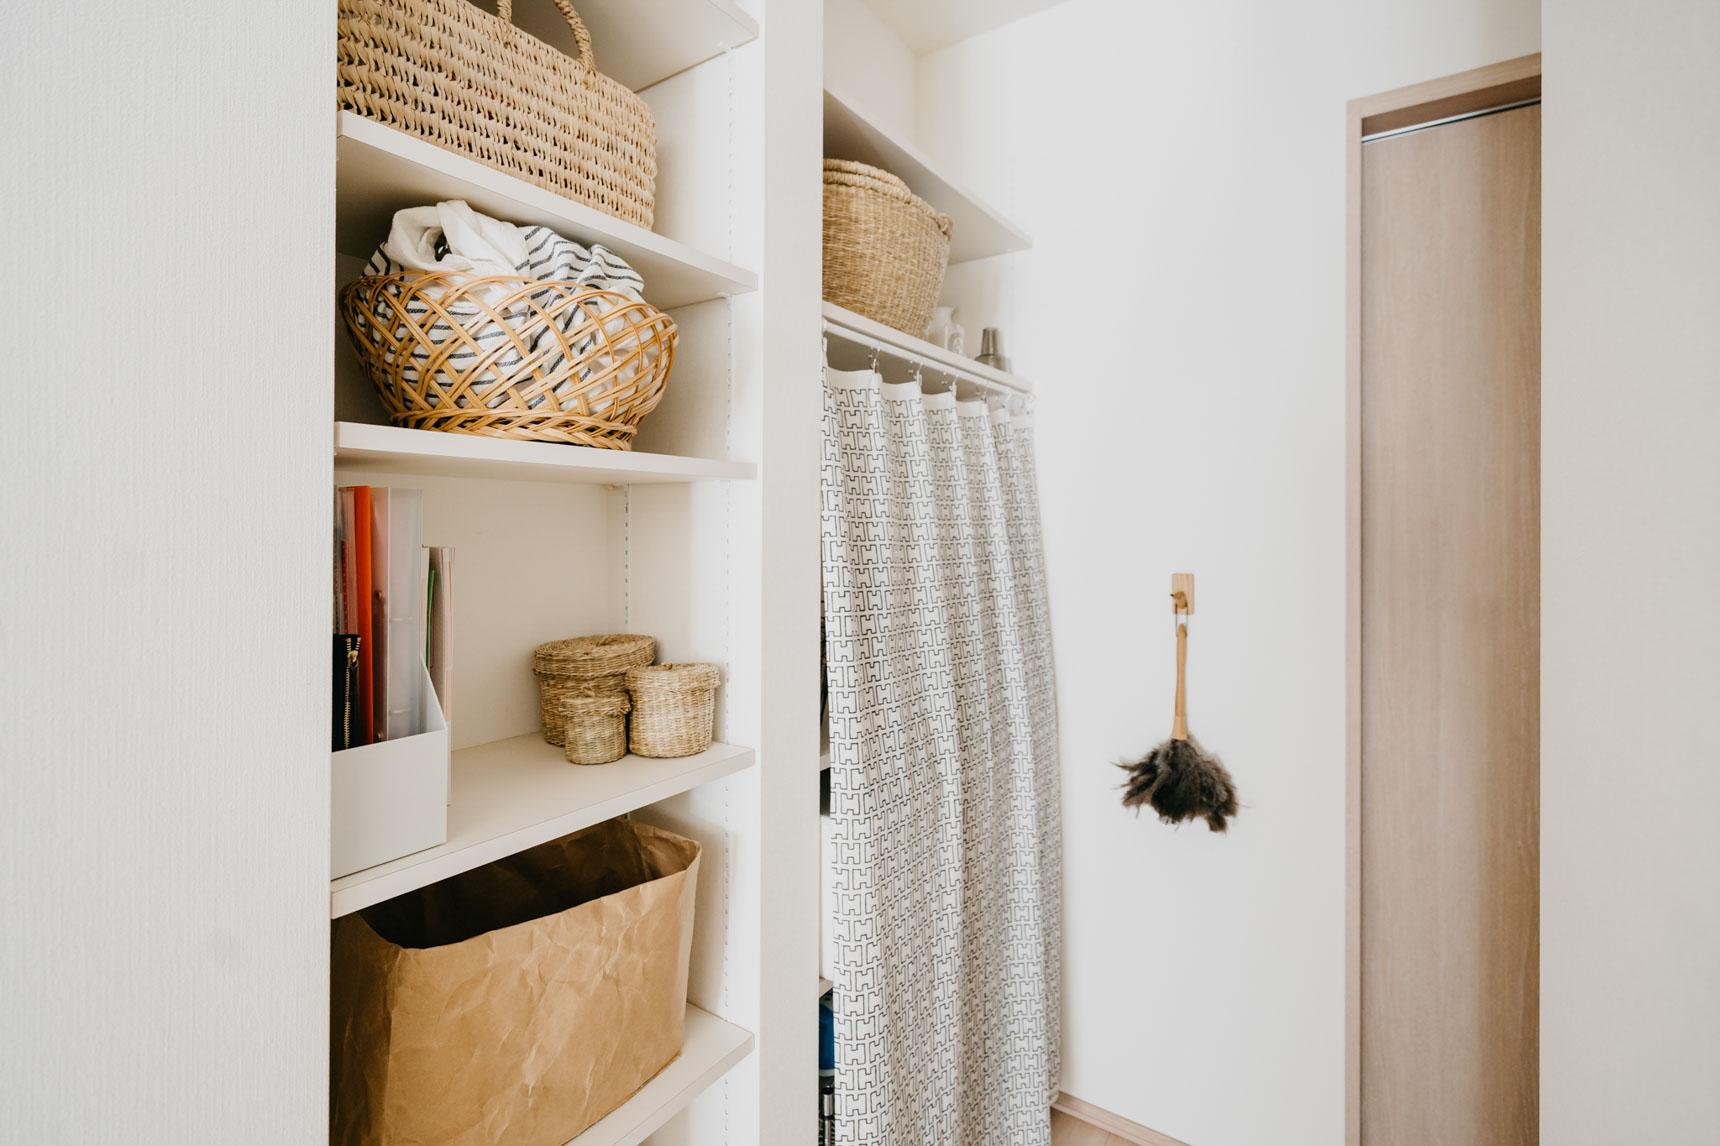 廊下の収納棚は、タオルや食材などのストックを置いておく場所。